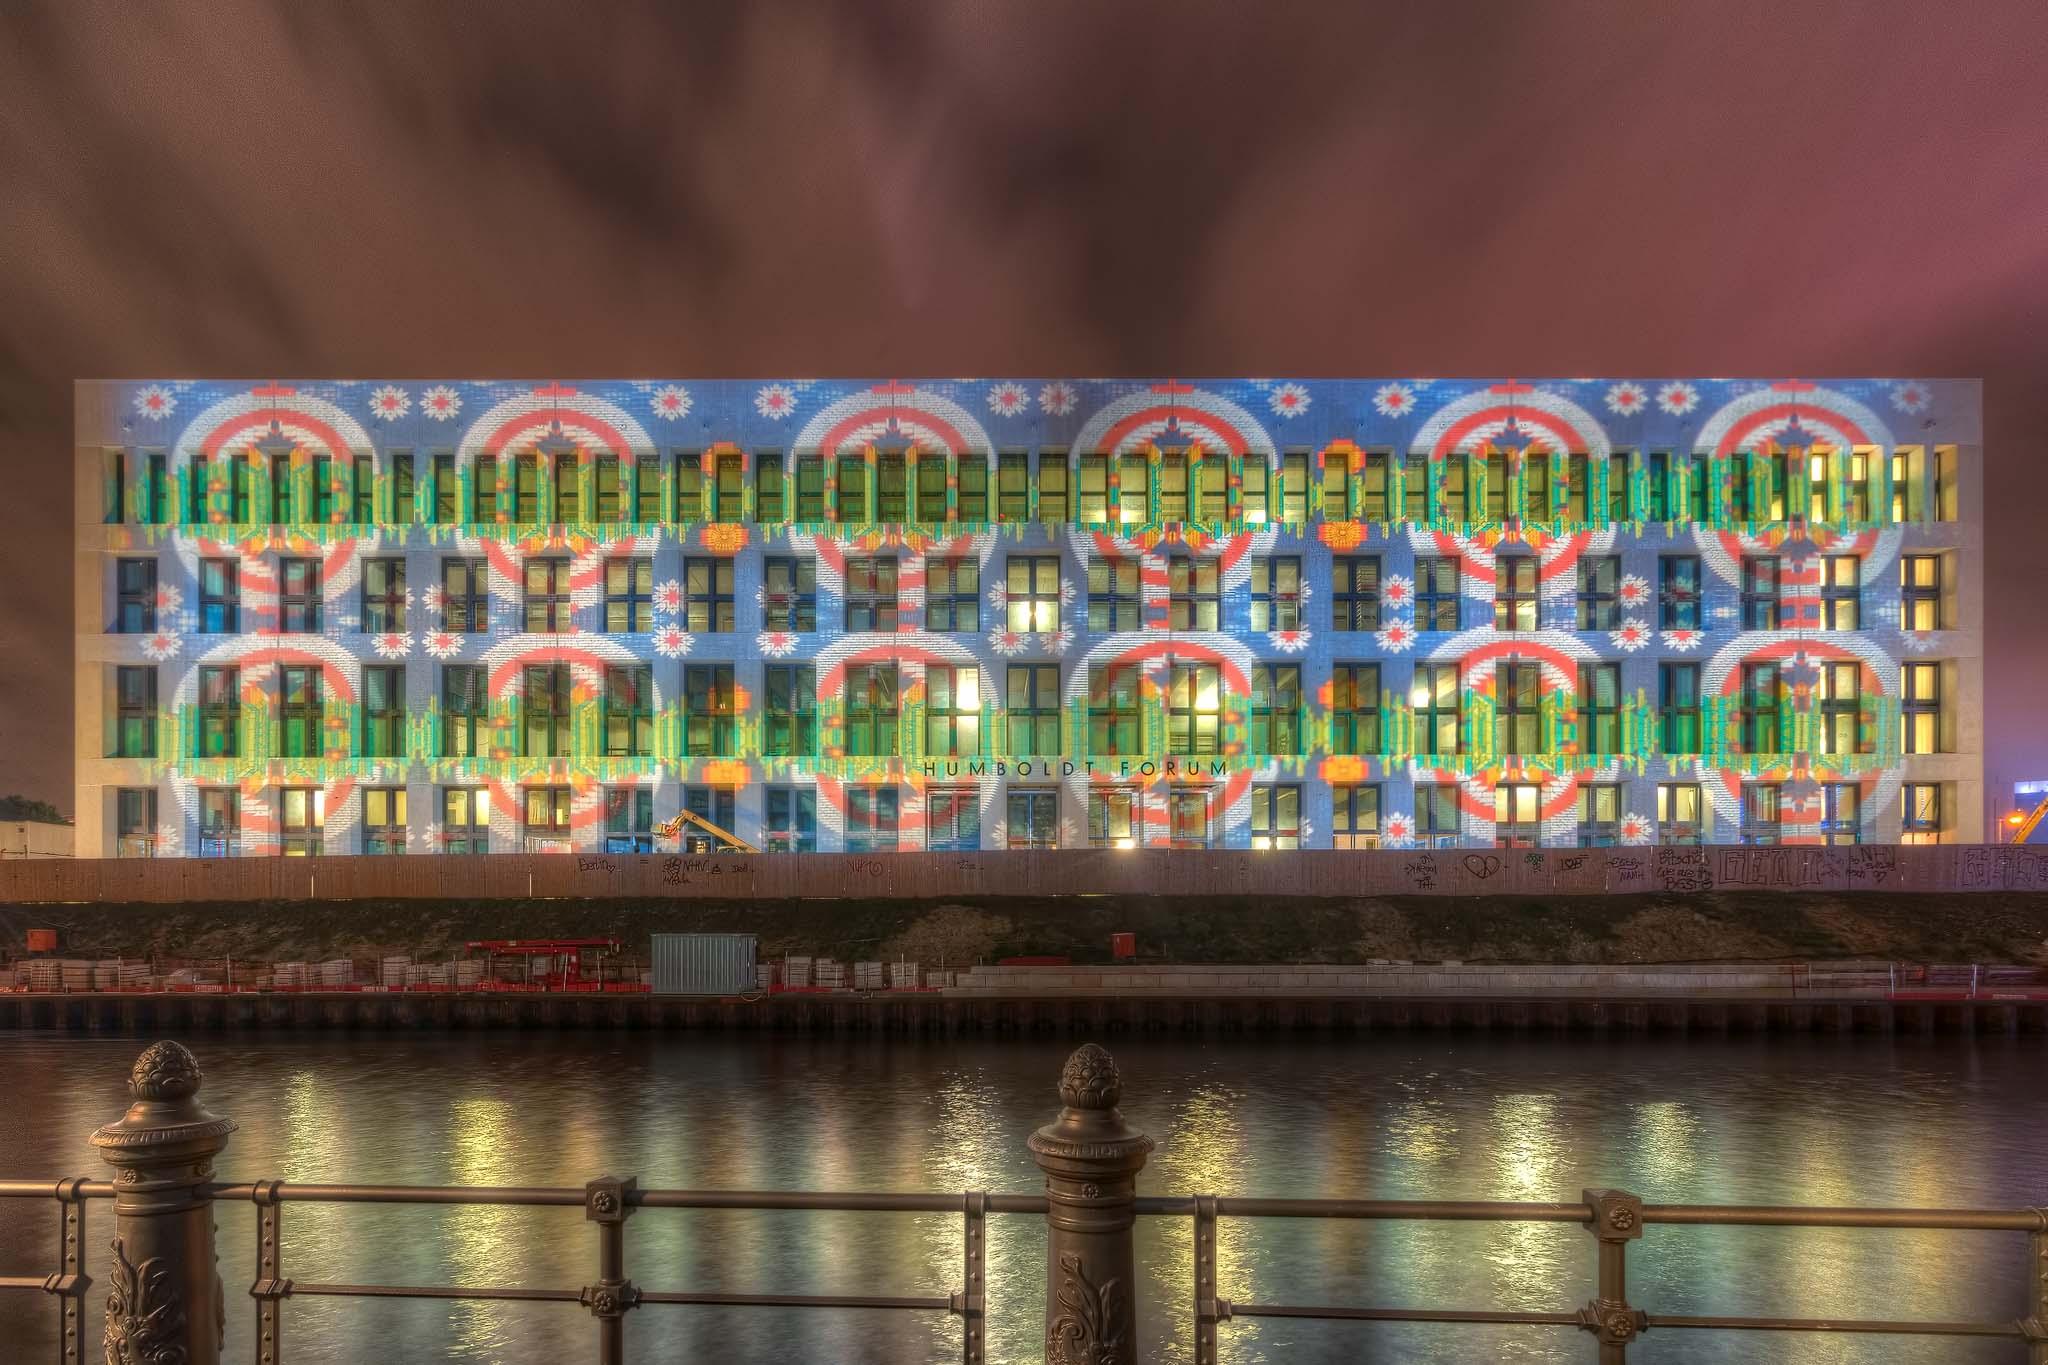 """Humboldt-Forum/Stadtschloss, Berlin leuchtet 2017 """"Underground Walk"""" von Enrico Verworner. Photograph by Frank Haase. Original location here."""